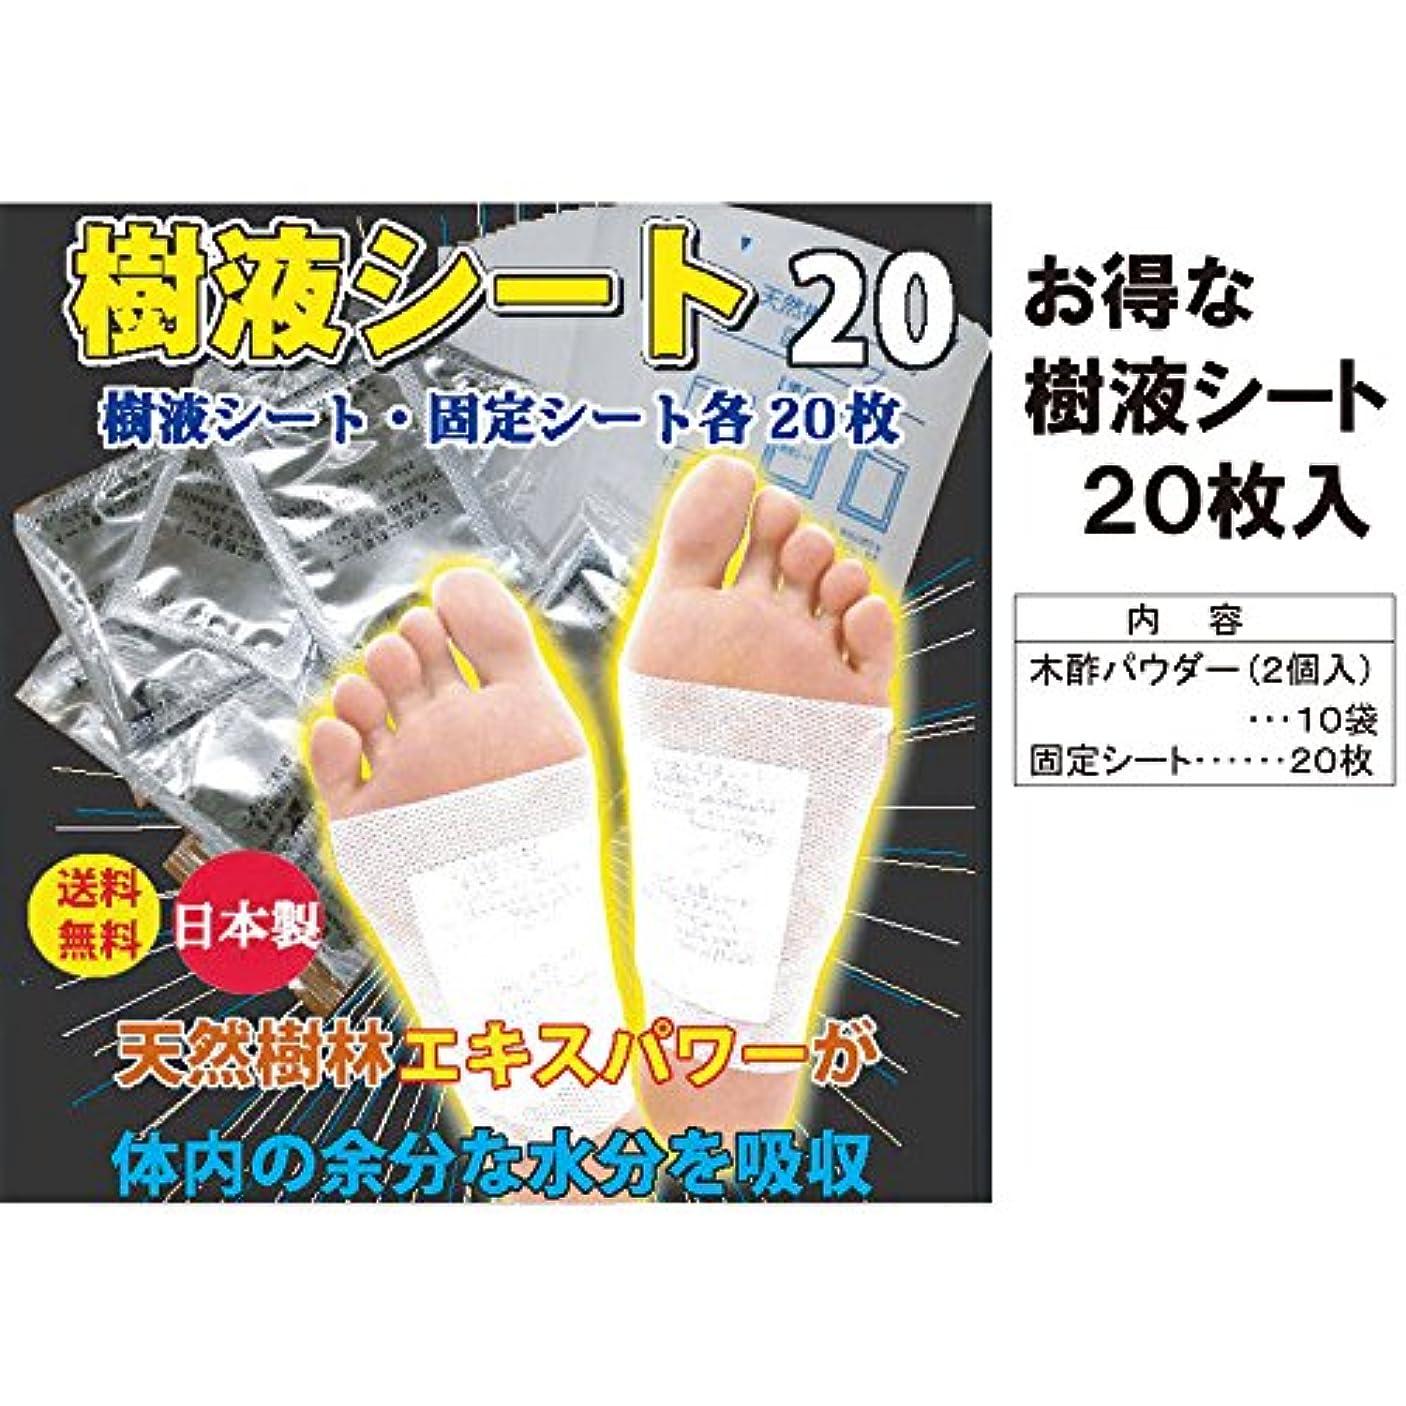 ピンチ再発する浮くM&Sジャパン 日本製 足裏樹液シート80枚 20枚入り4個セット 足裏 シート お徳用 健康 グッズ 足ツボ